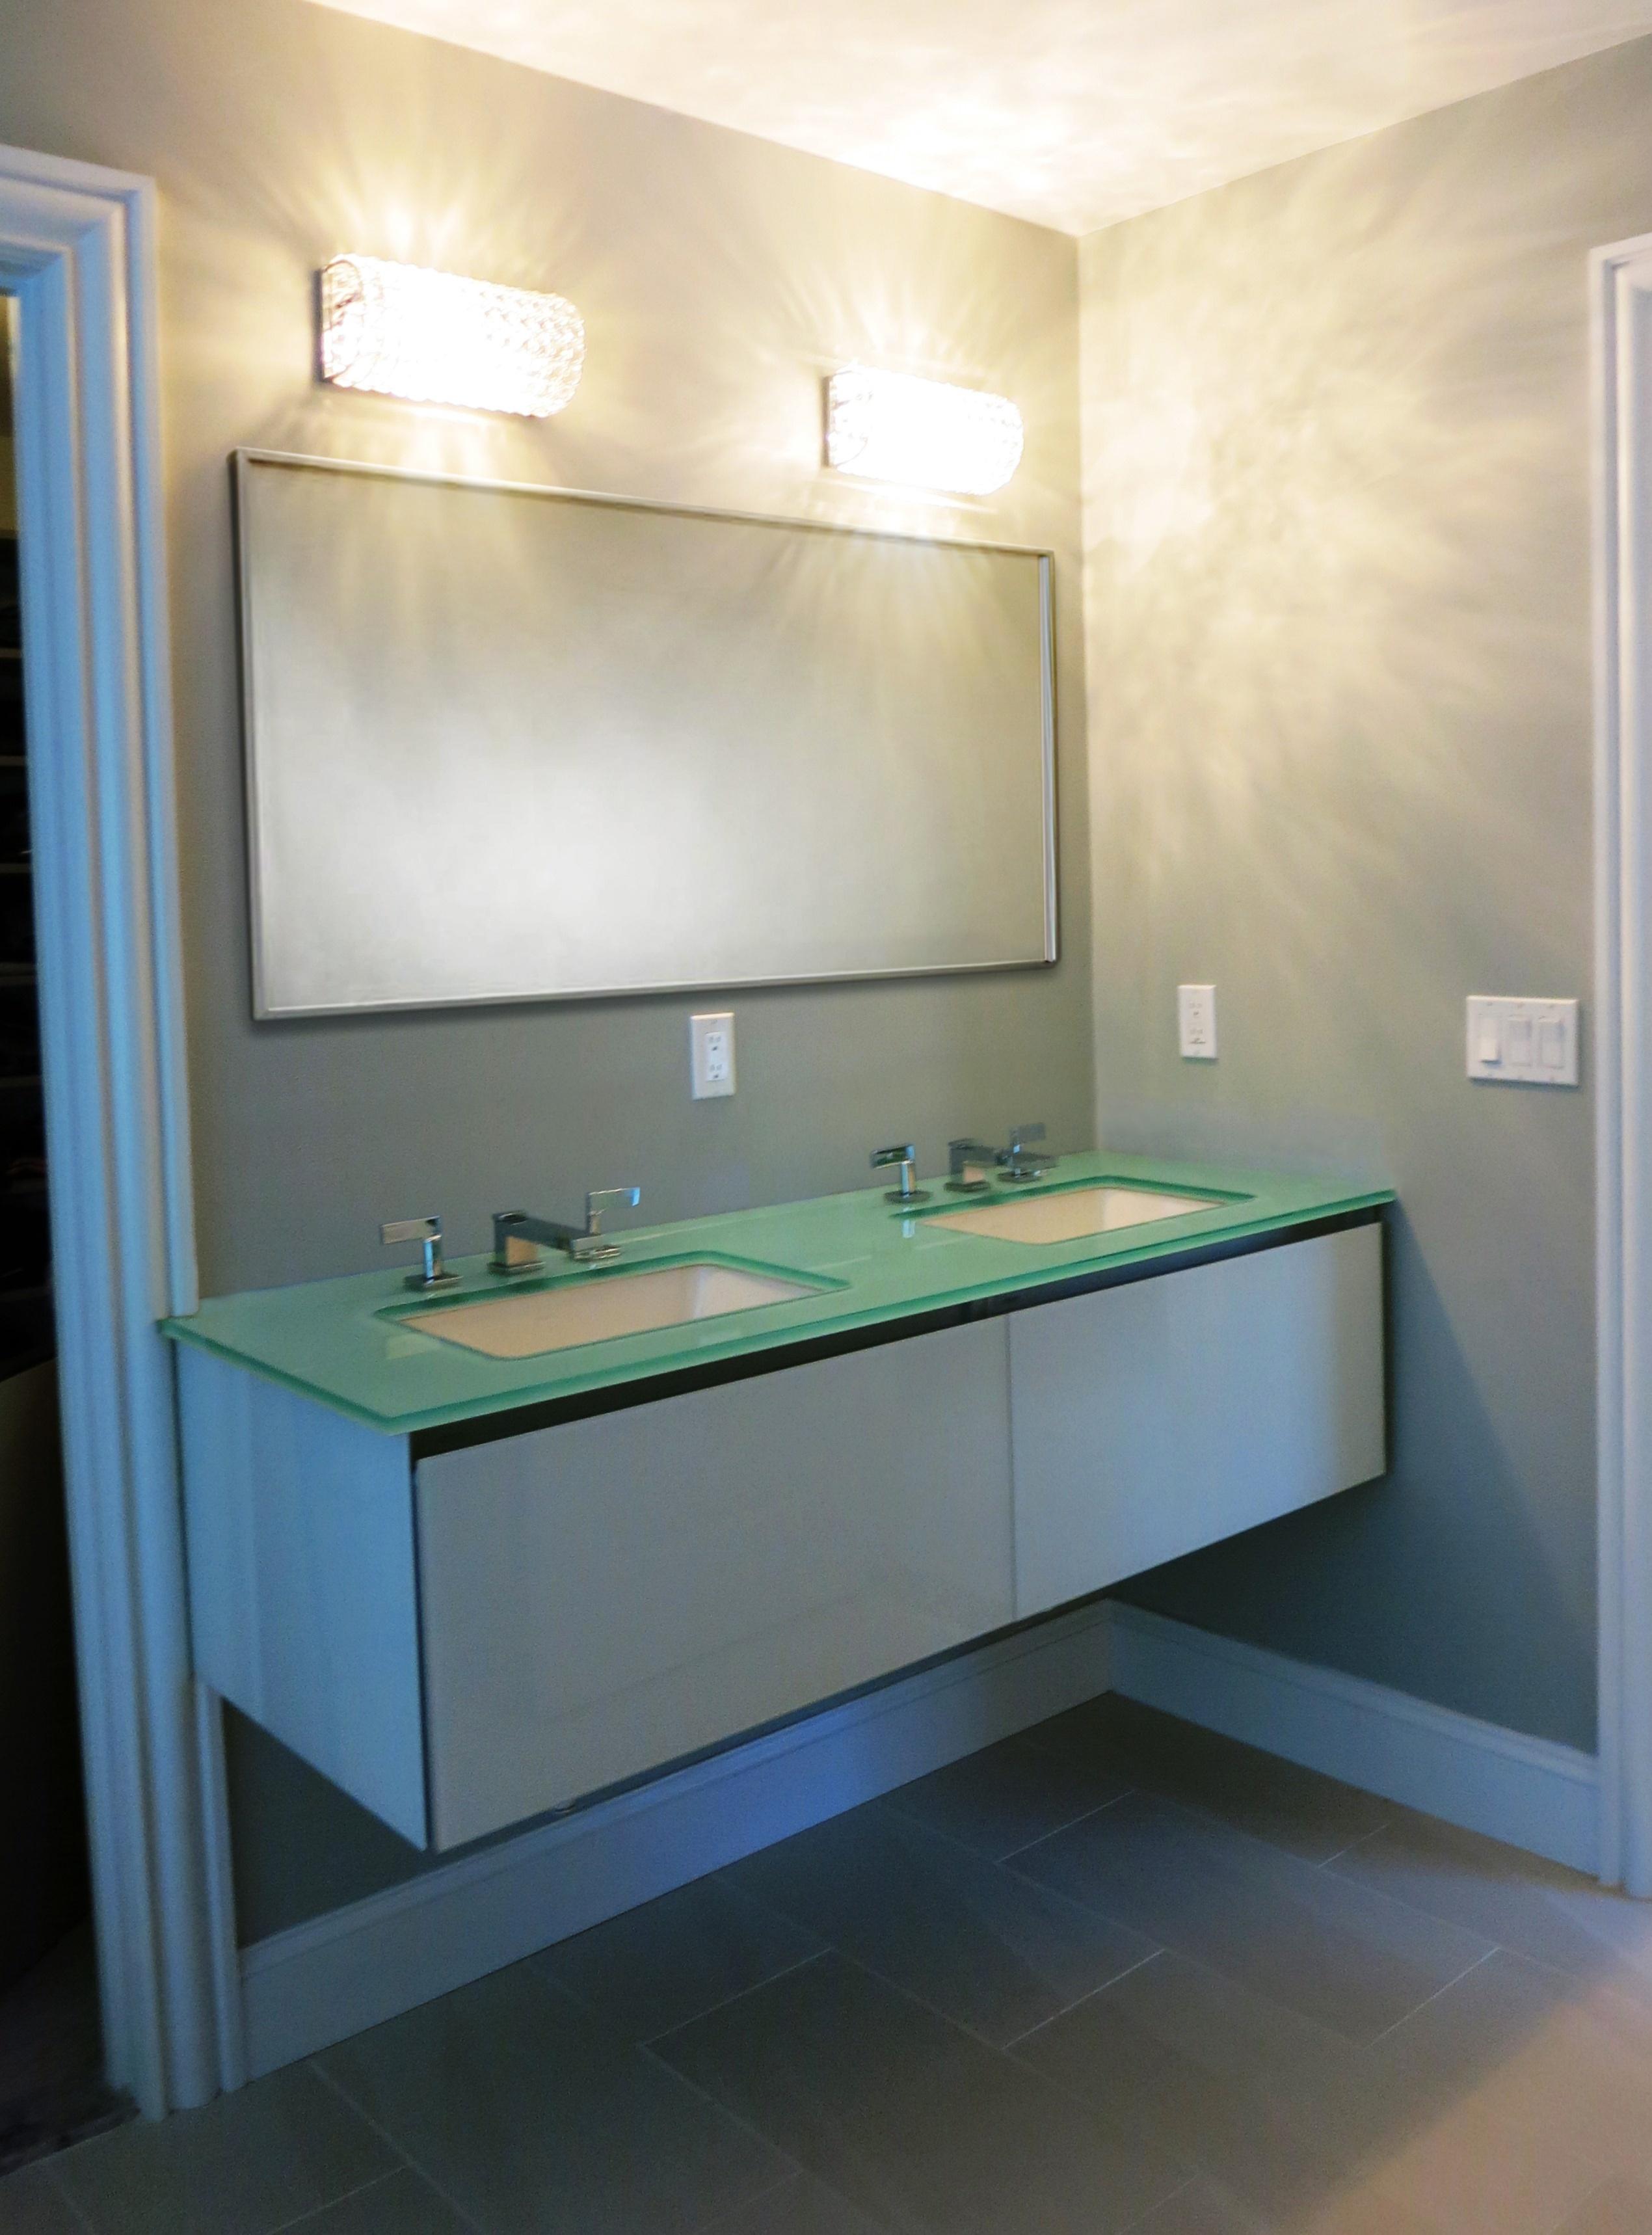 Contemporary bath glass countertop